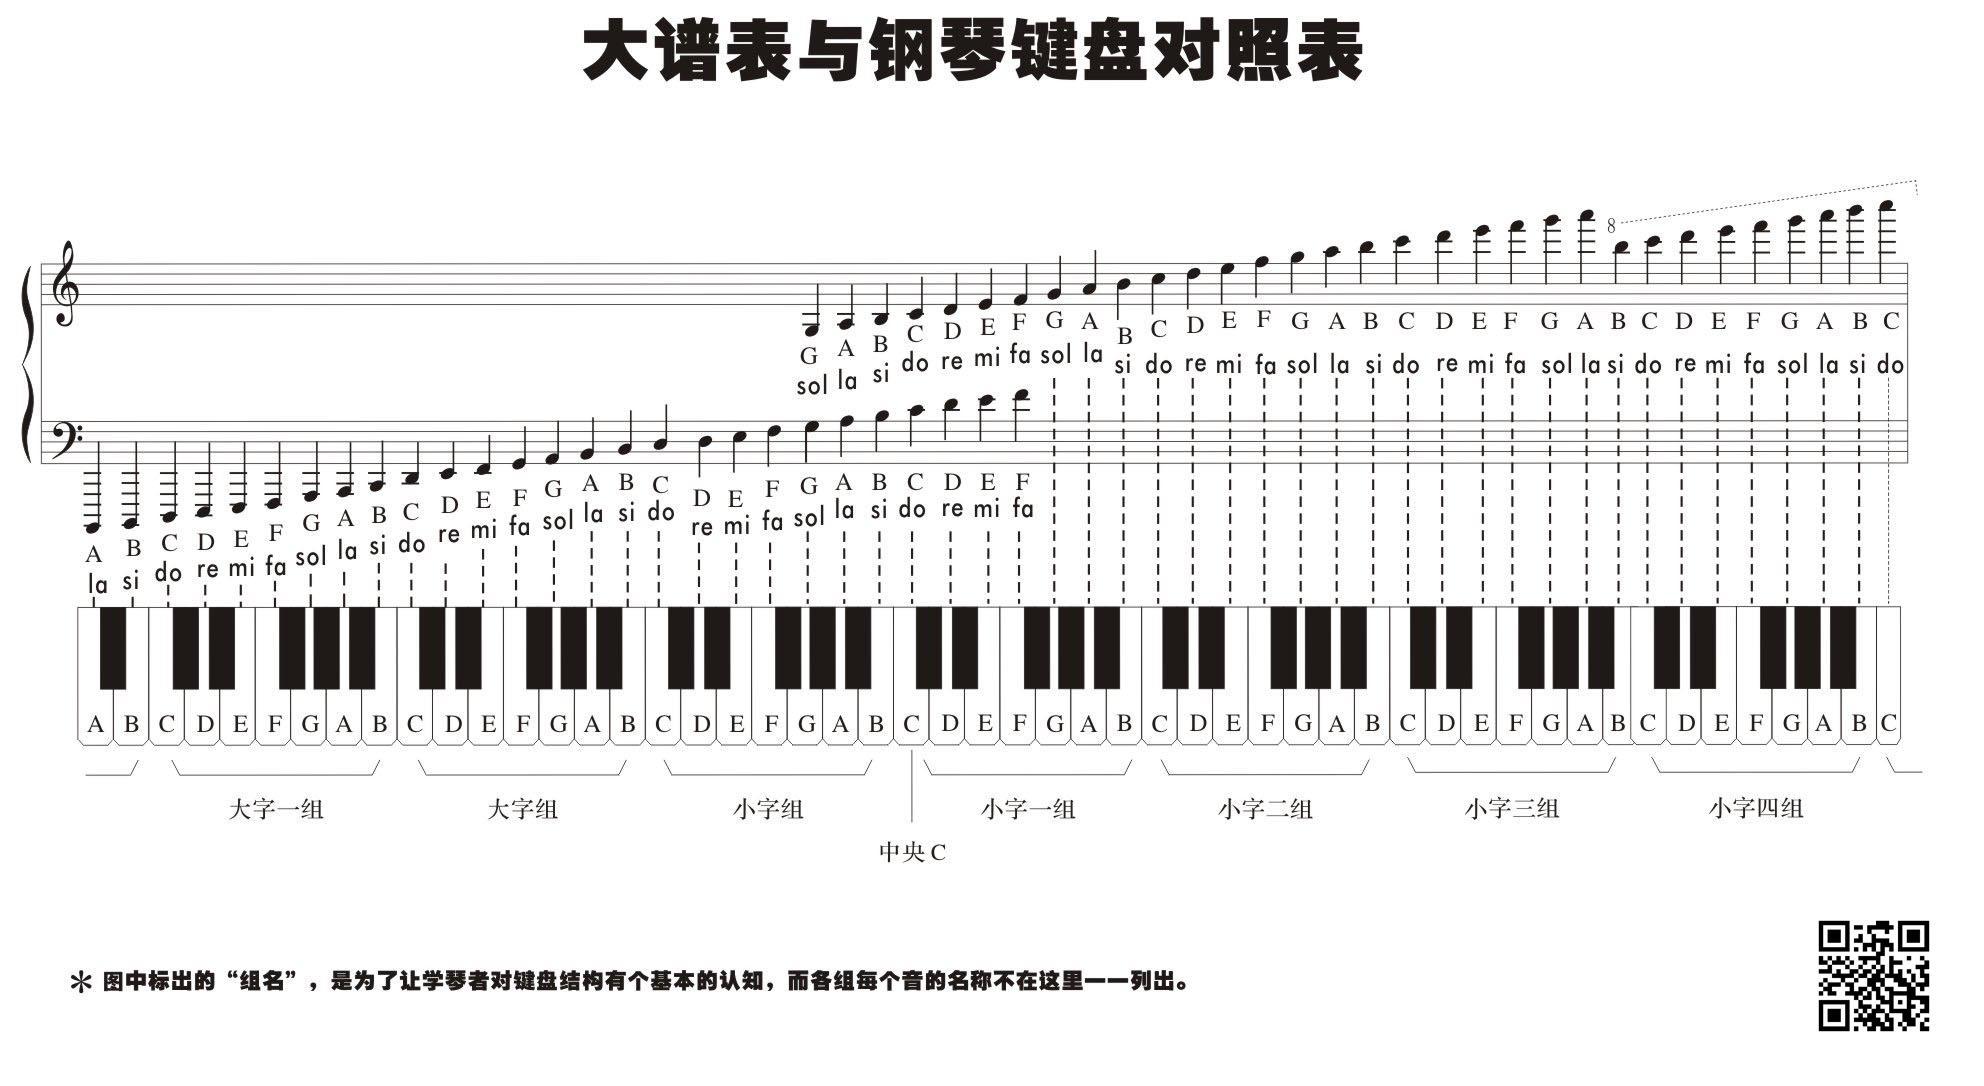 标准钢琴黑白键加起来一共多少个键图片